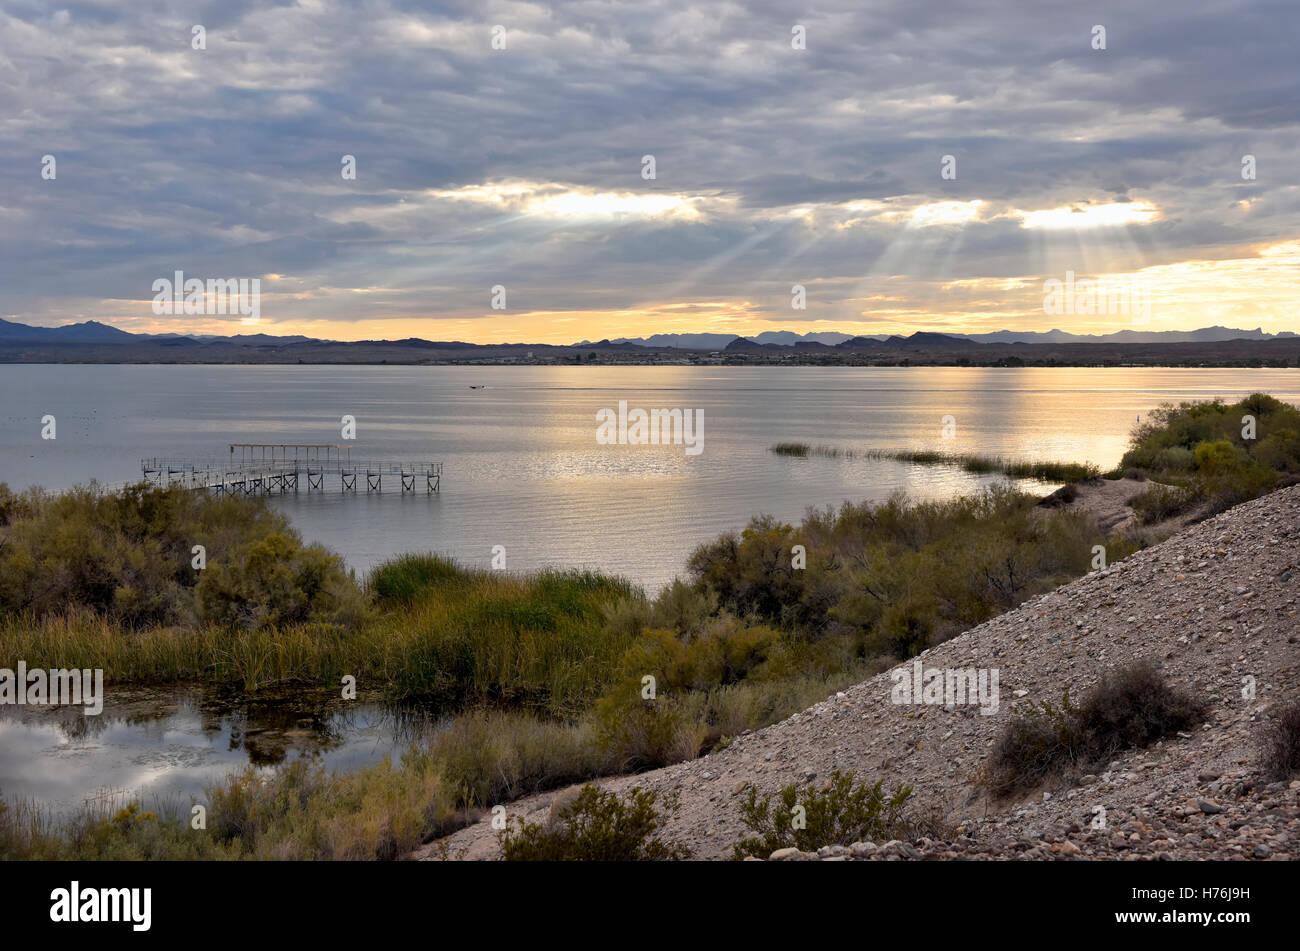 Lake Havasu Arizona - Stock Image